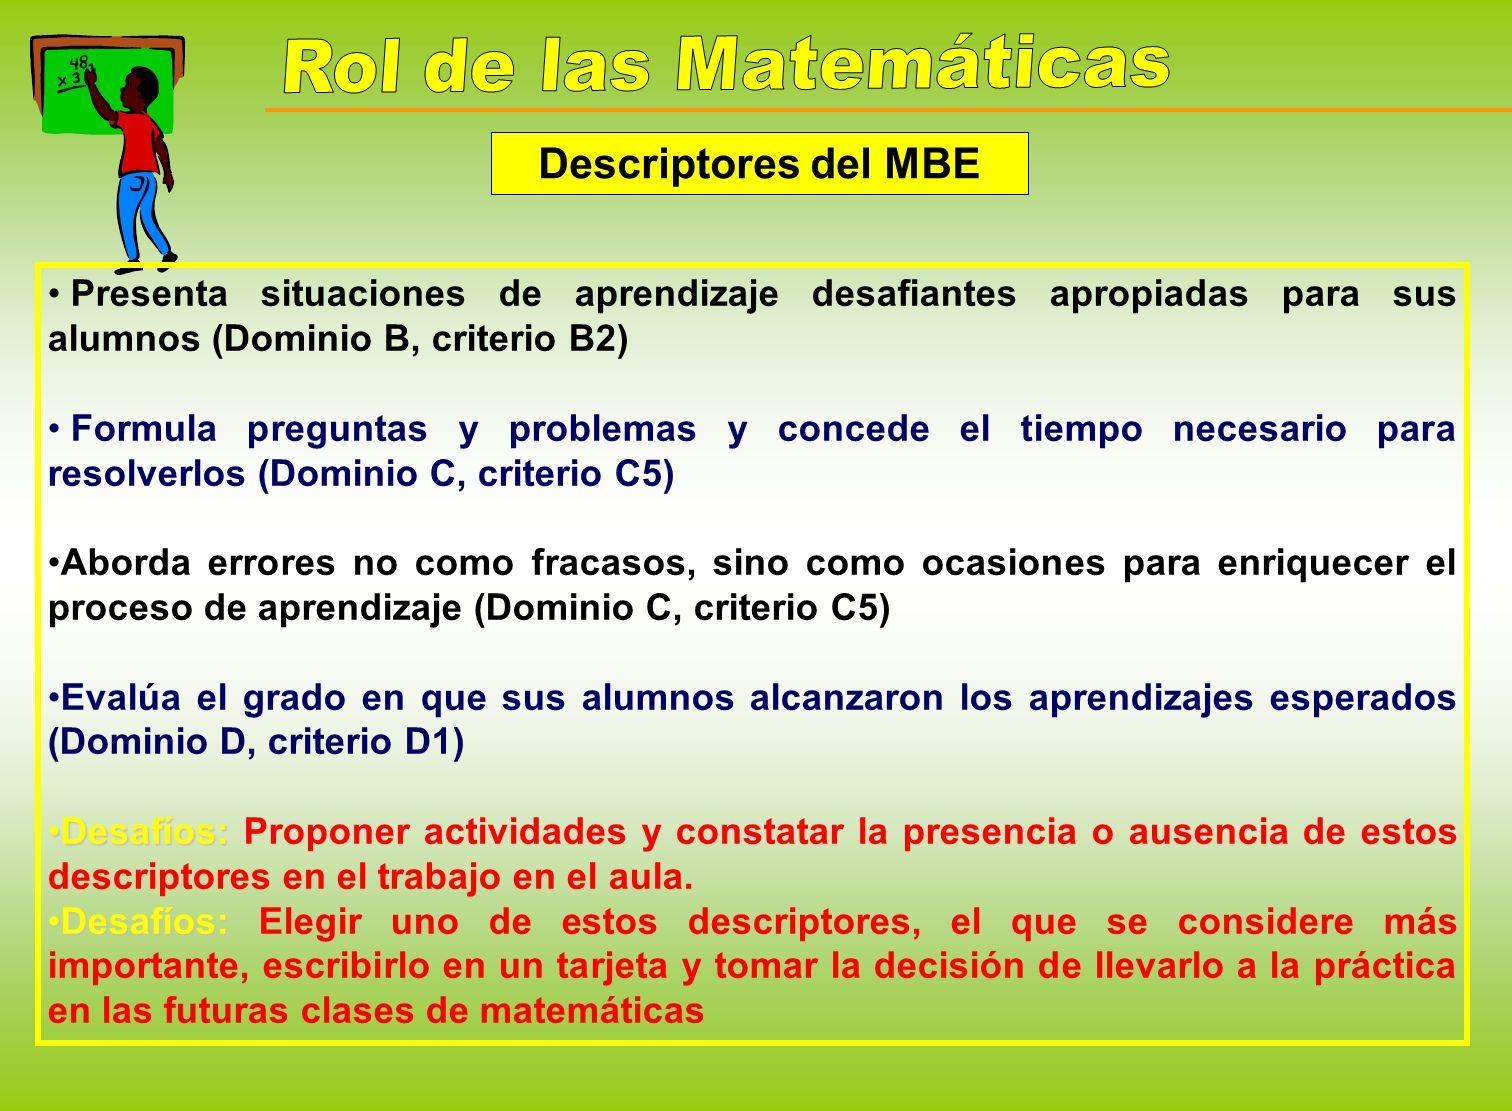 Rol de las MatemáticasDescriptores del MBE. Presenta situaciones de aprendizaje desafiantes apropiadas para sus alumnos (Dominio B, criterio B2)